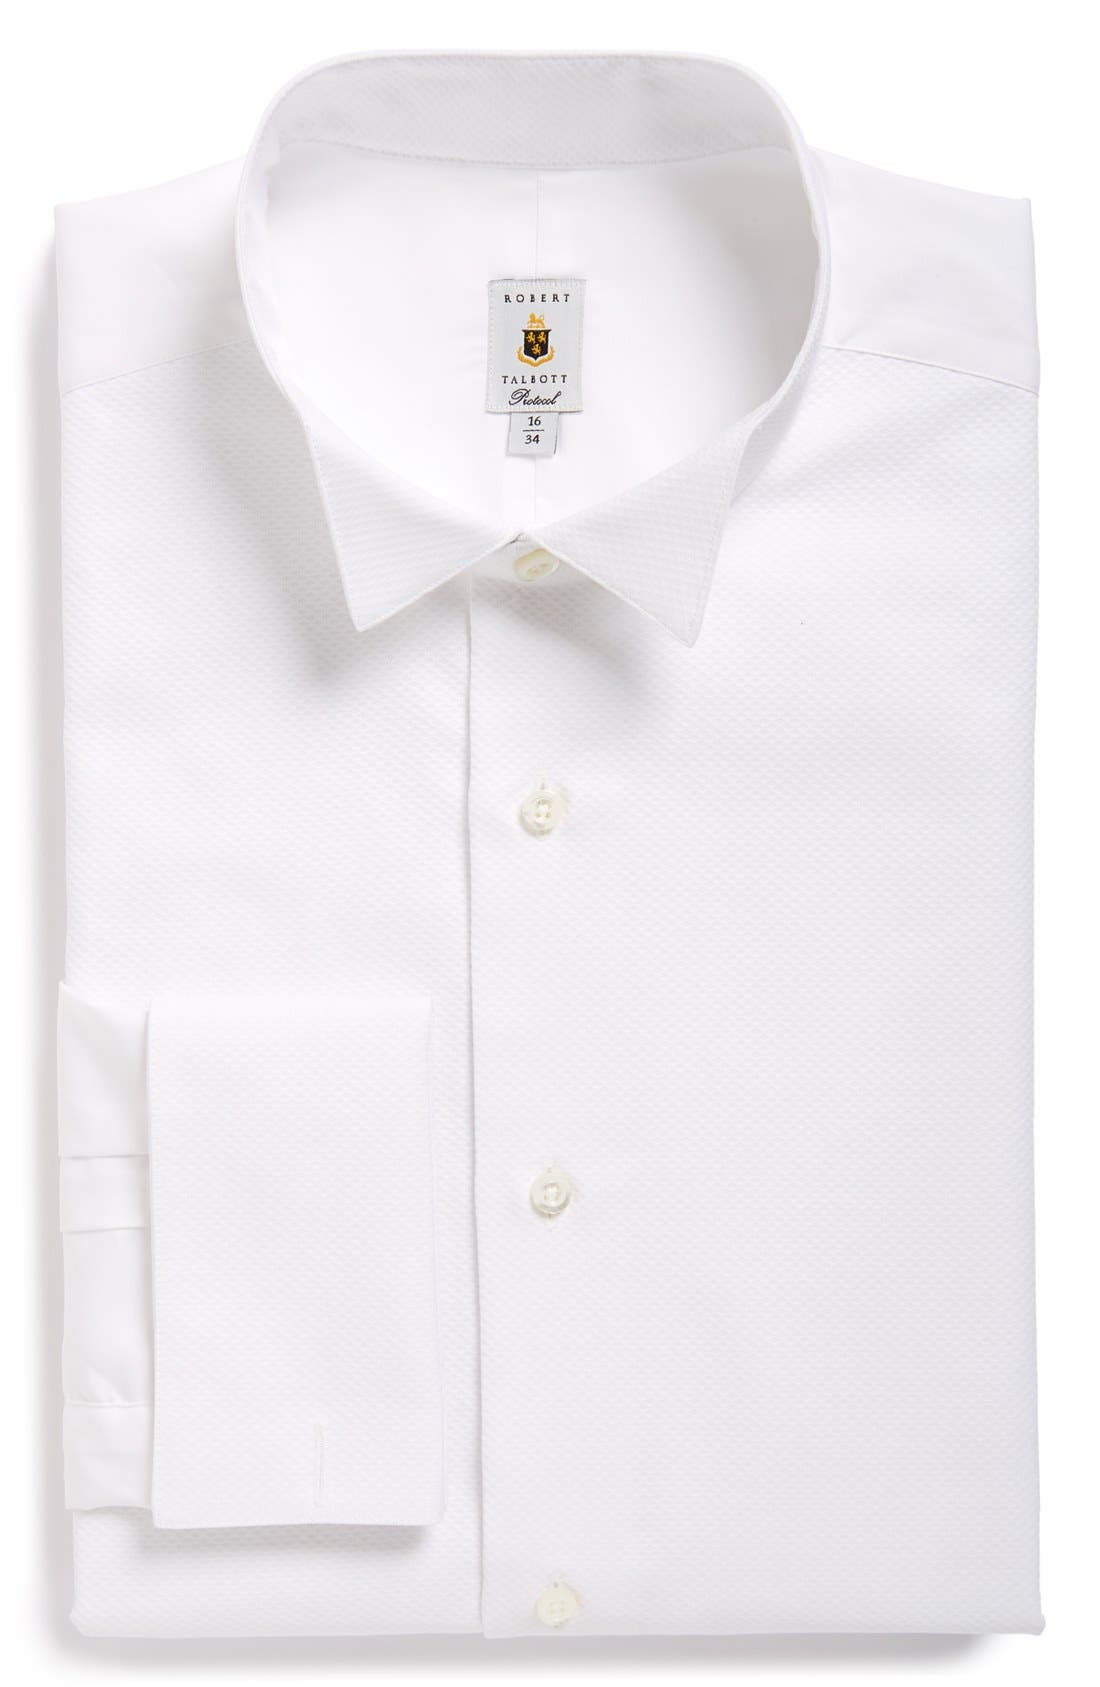 ROBERT TALBOTT Bib Front Tuxedo Shirt